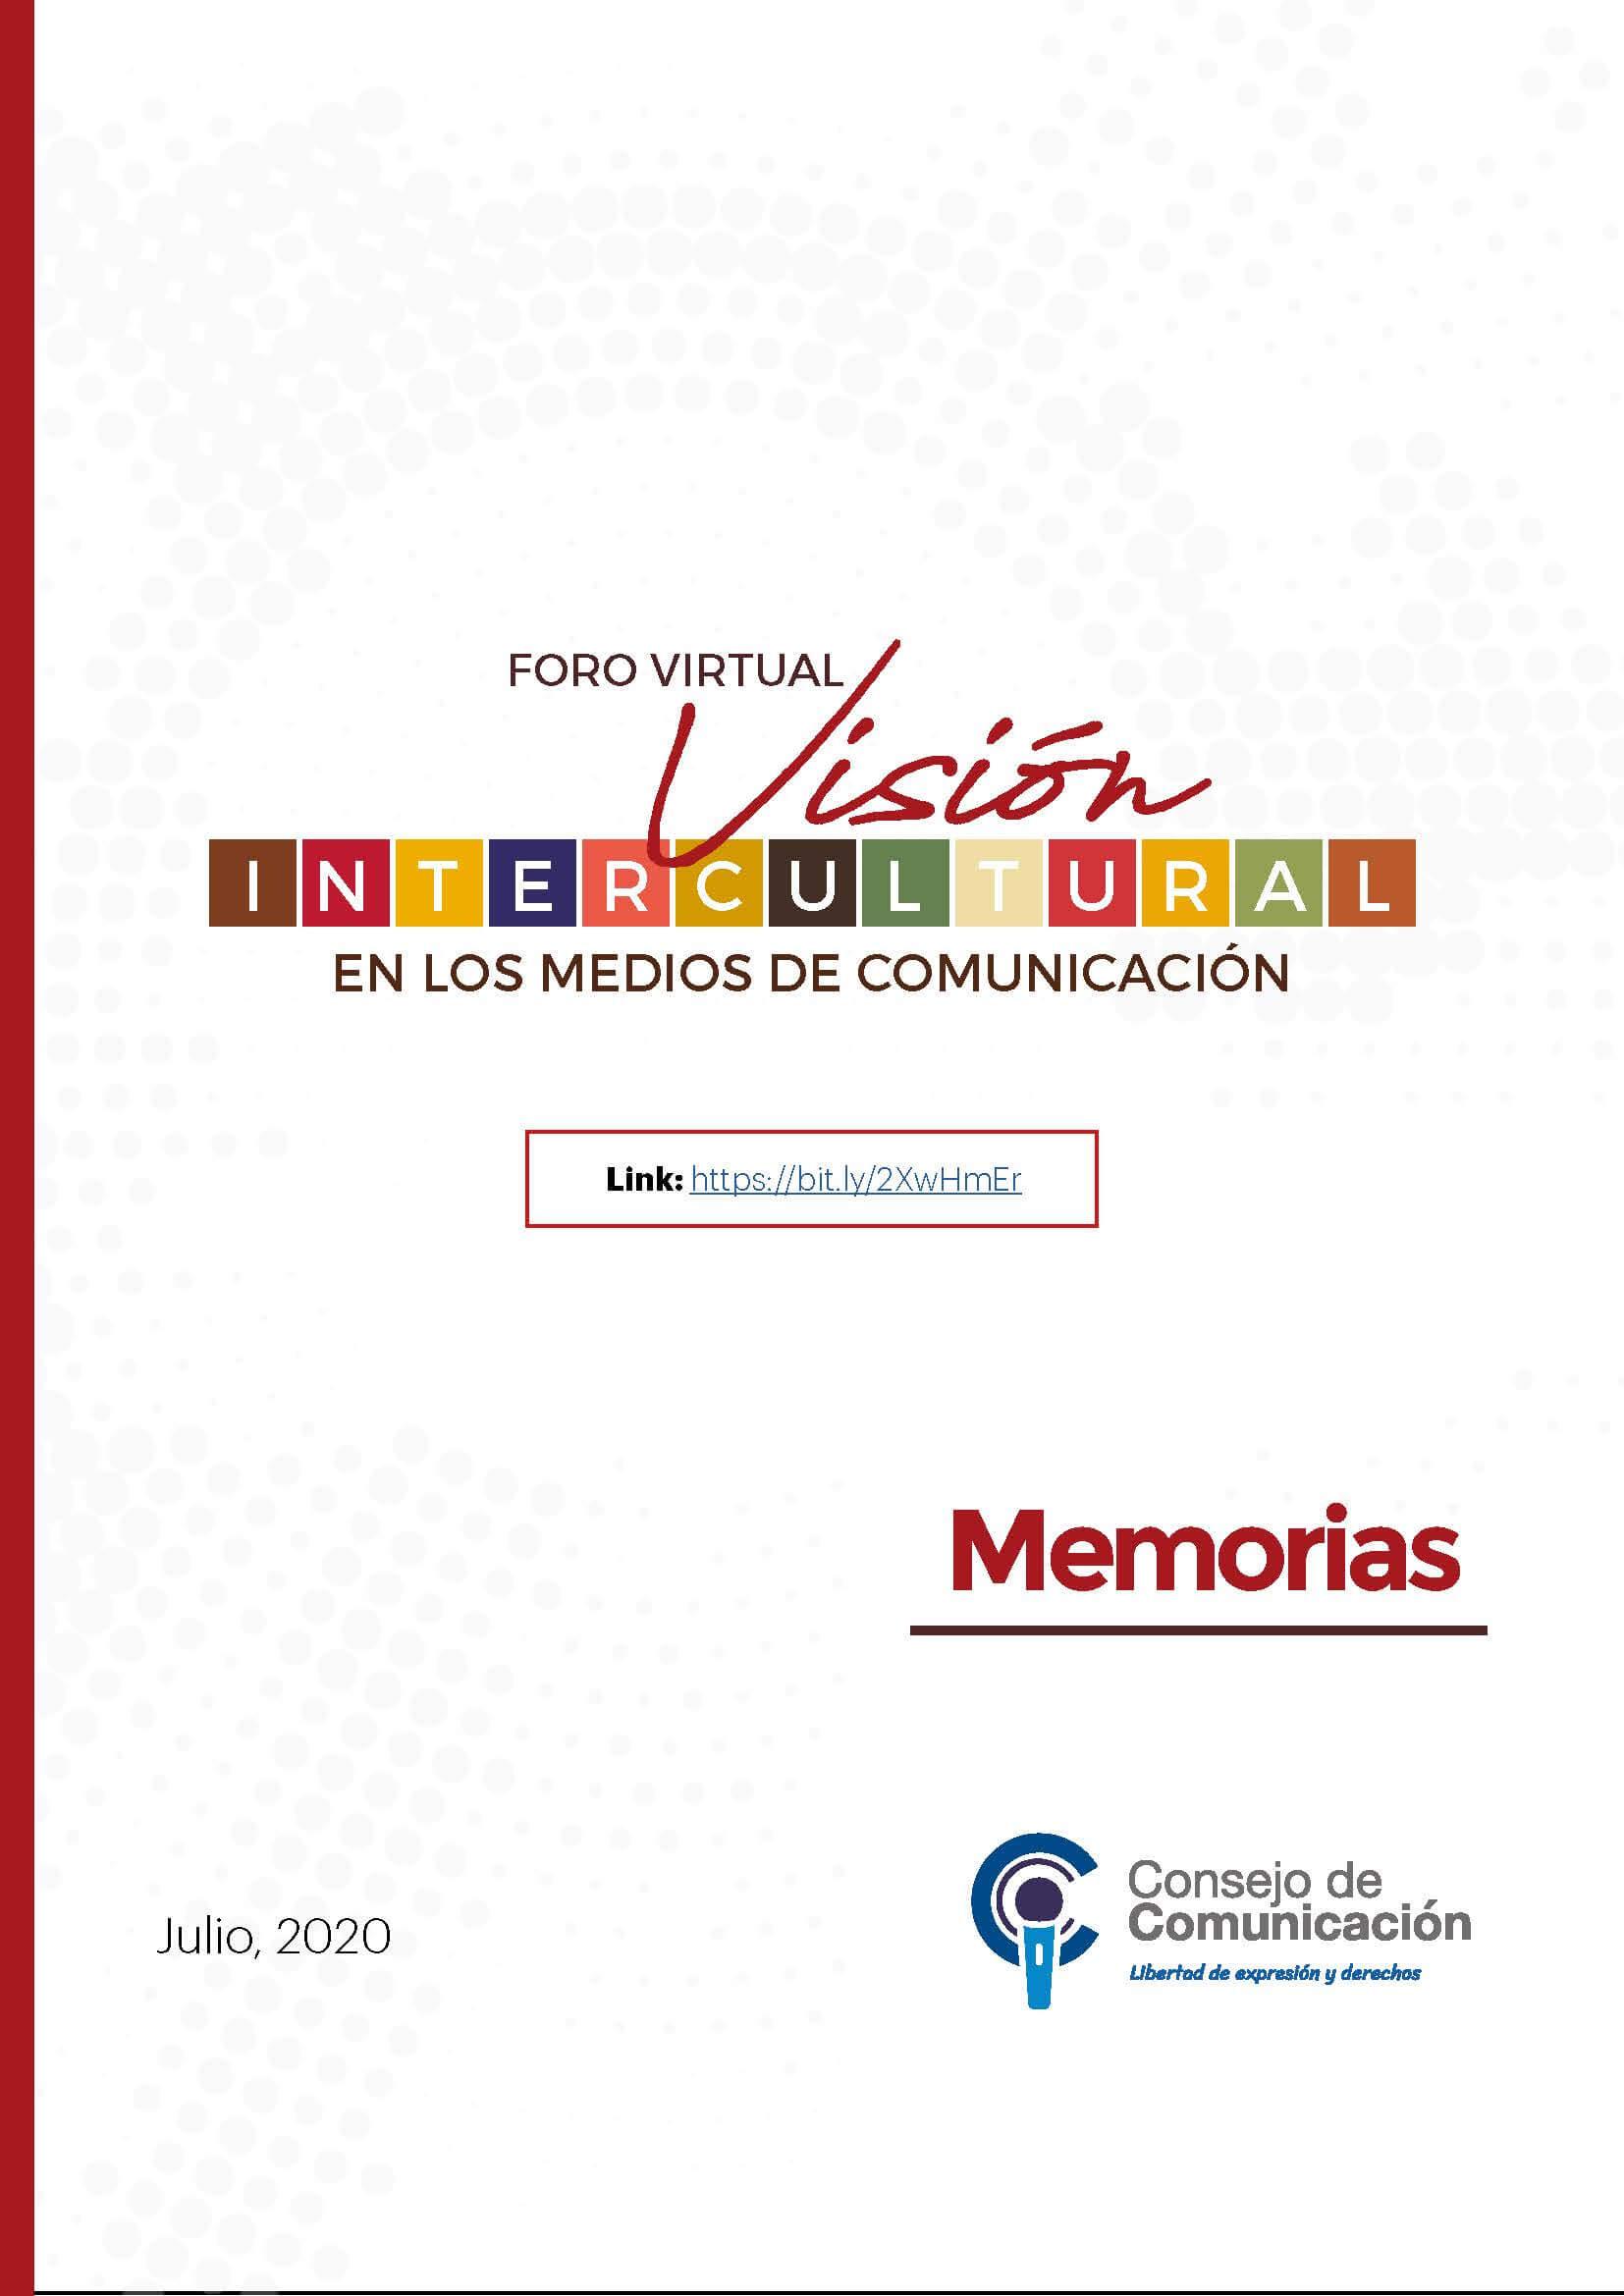 Foro Virtual Visión Intercultural en los Medios de Comunicación